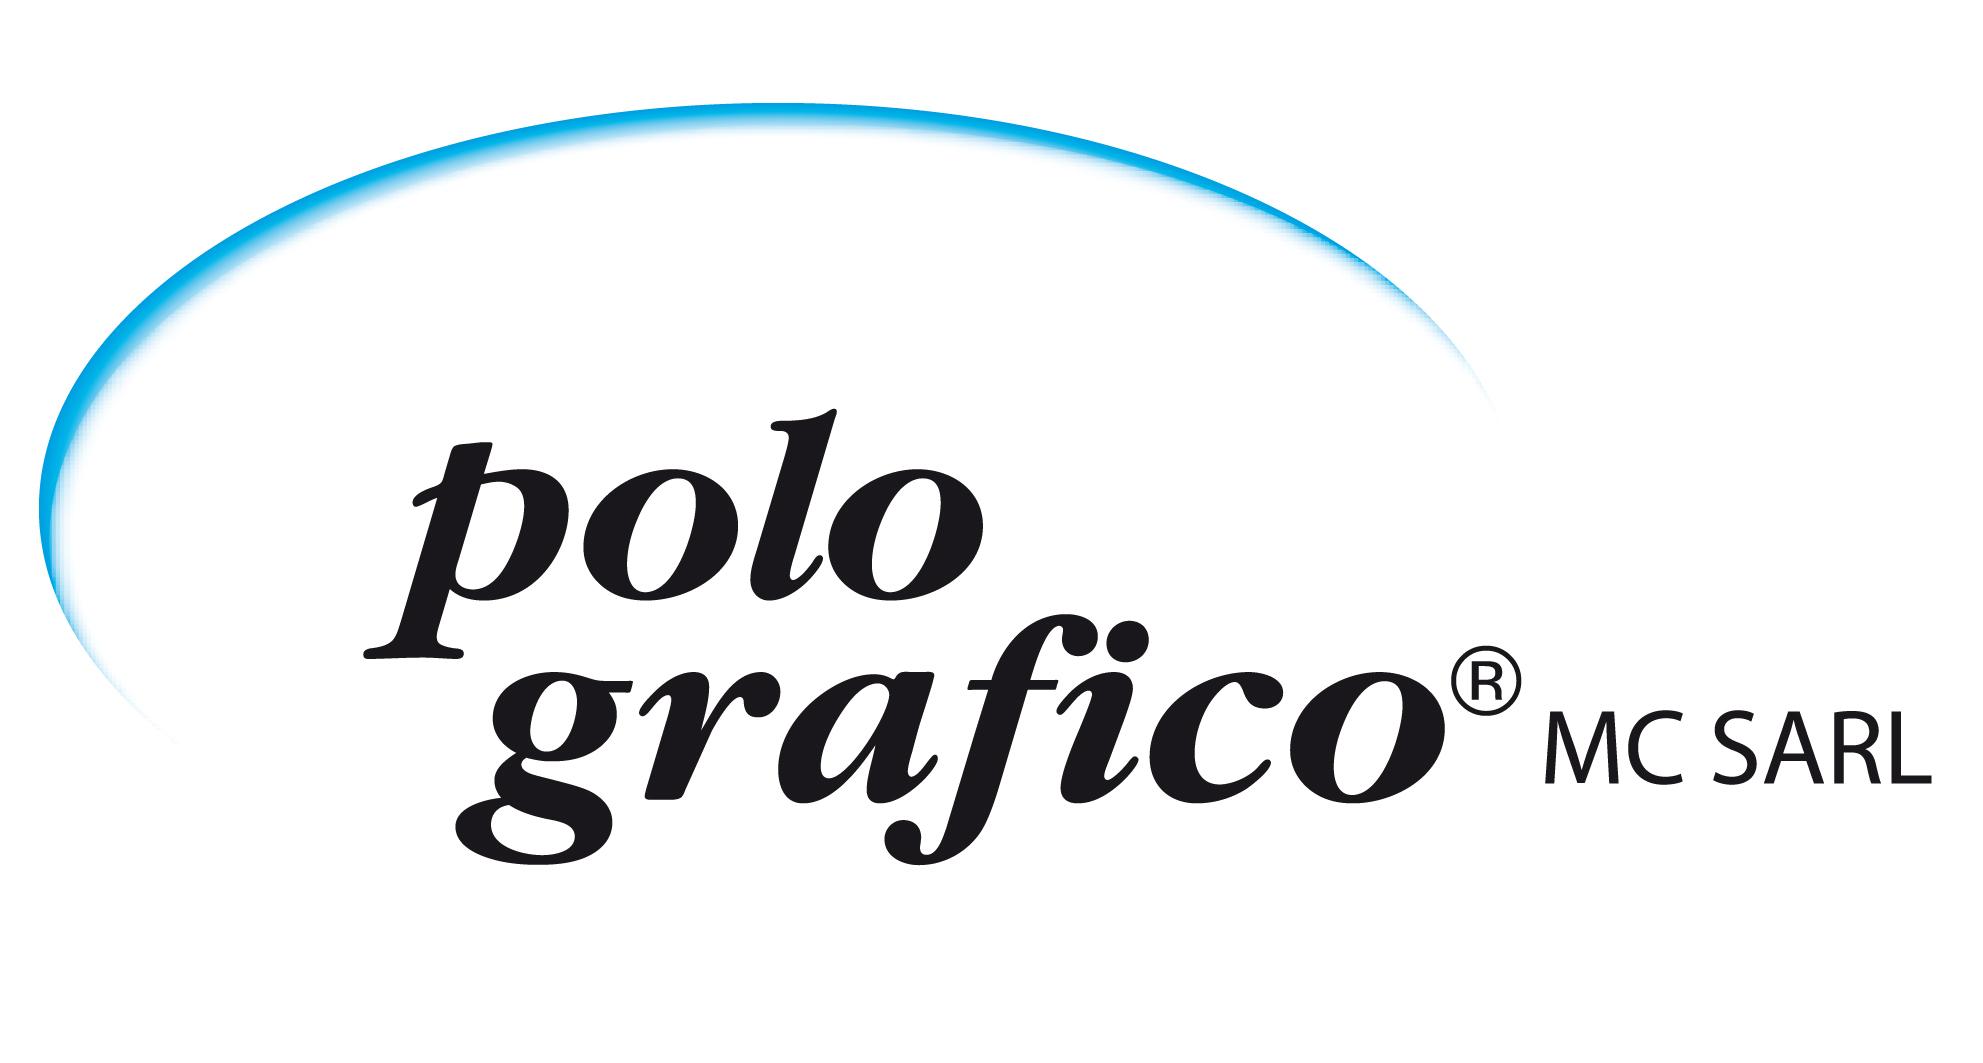 LOGO POLOGRAFICO MC